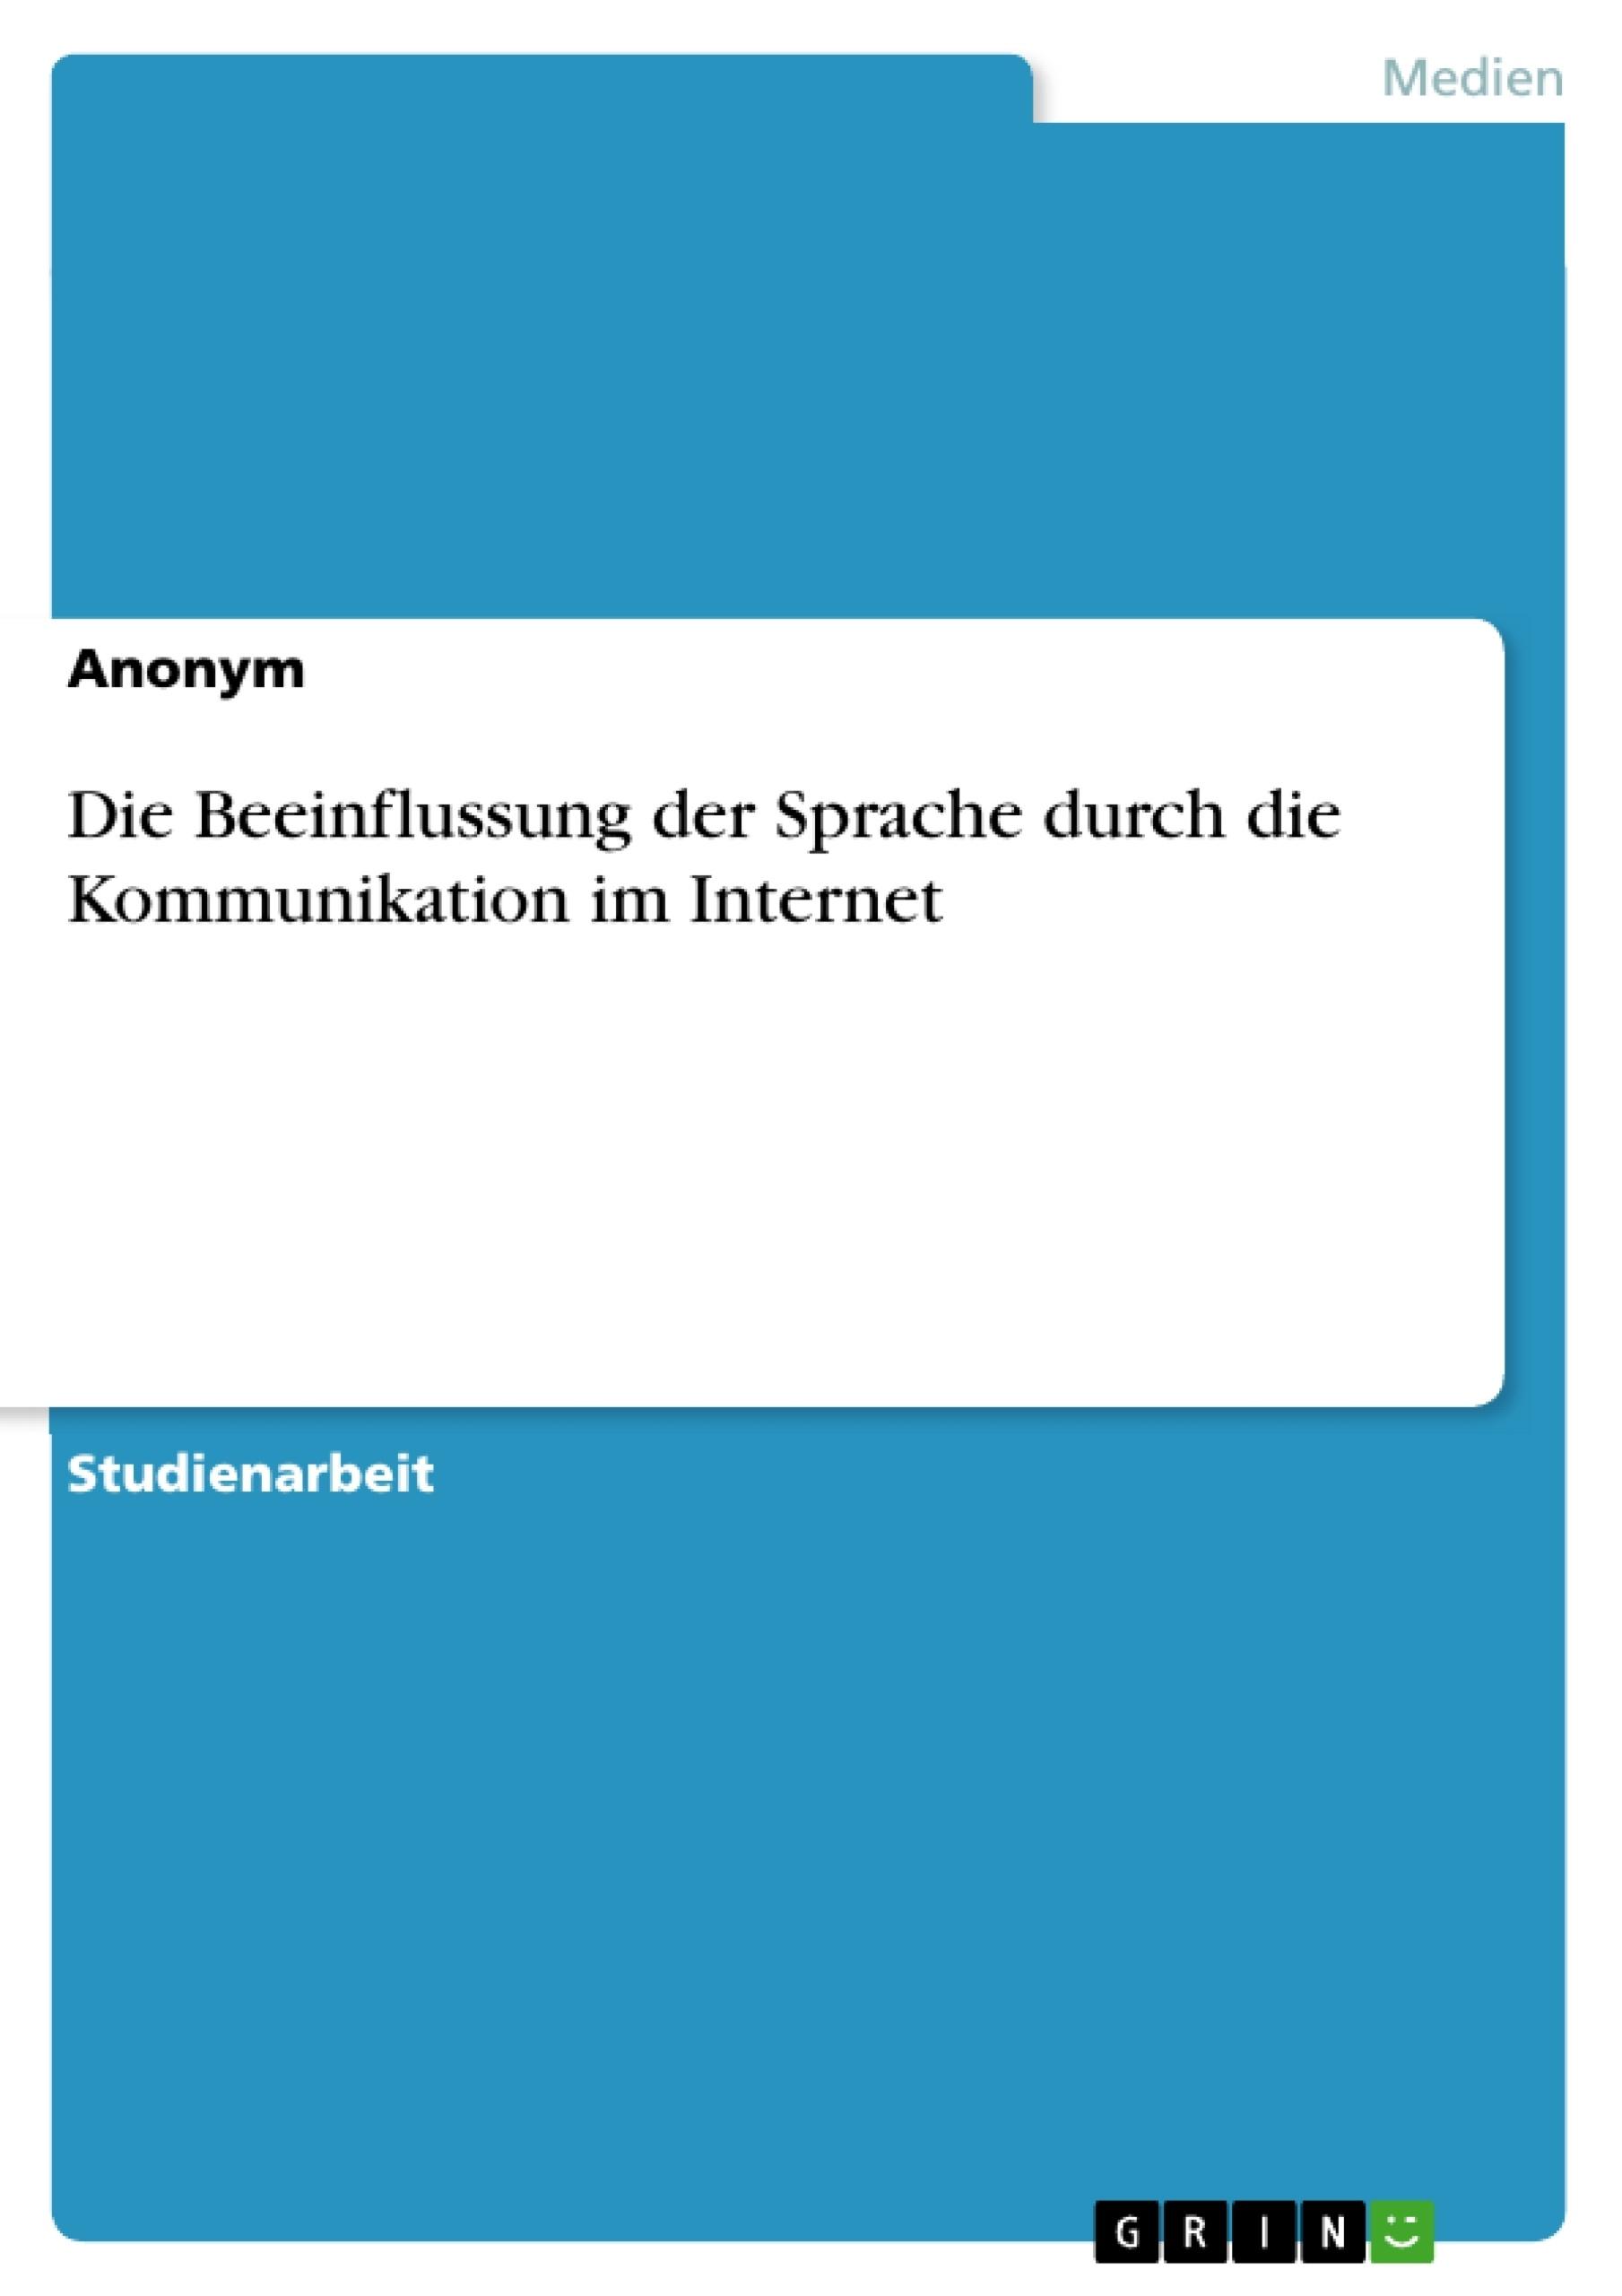 Titel: Die Beeinflussung der Sprache durch die Kommunikation im Internet